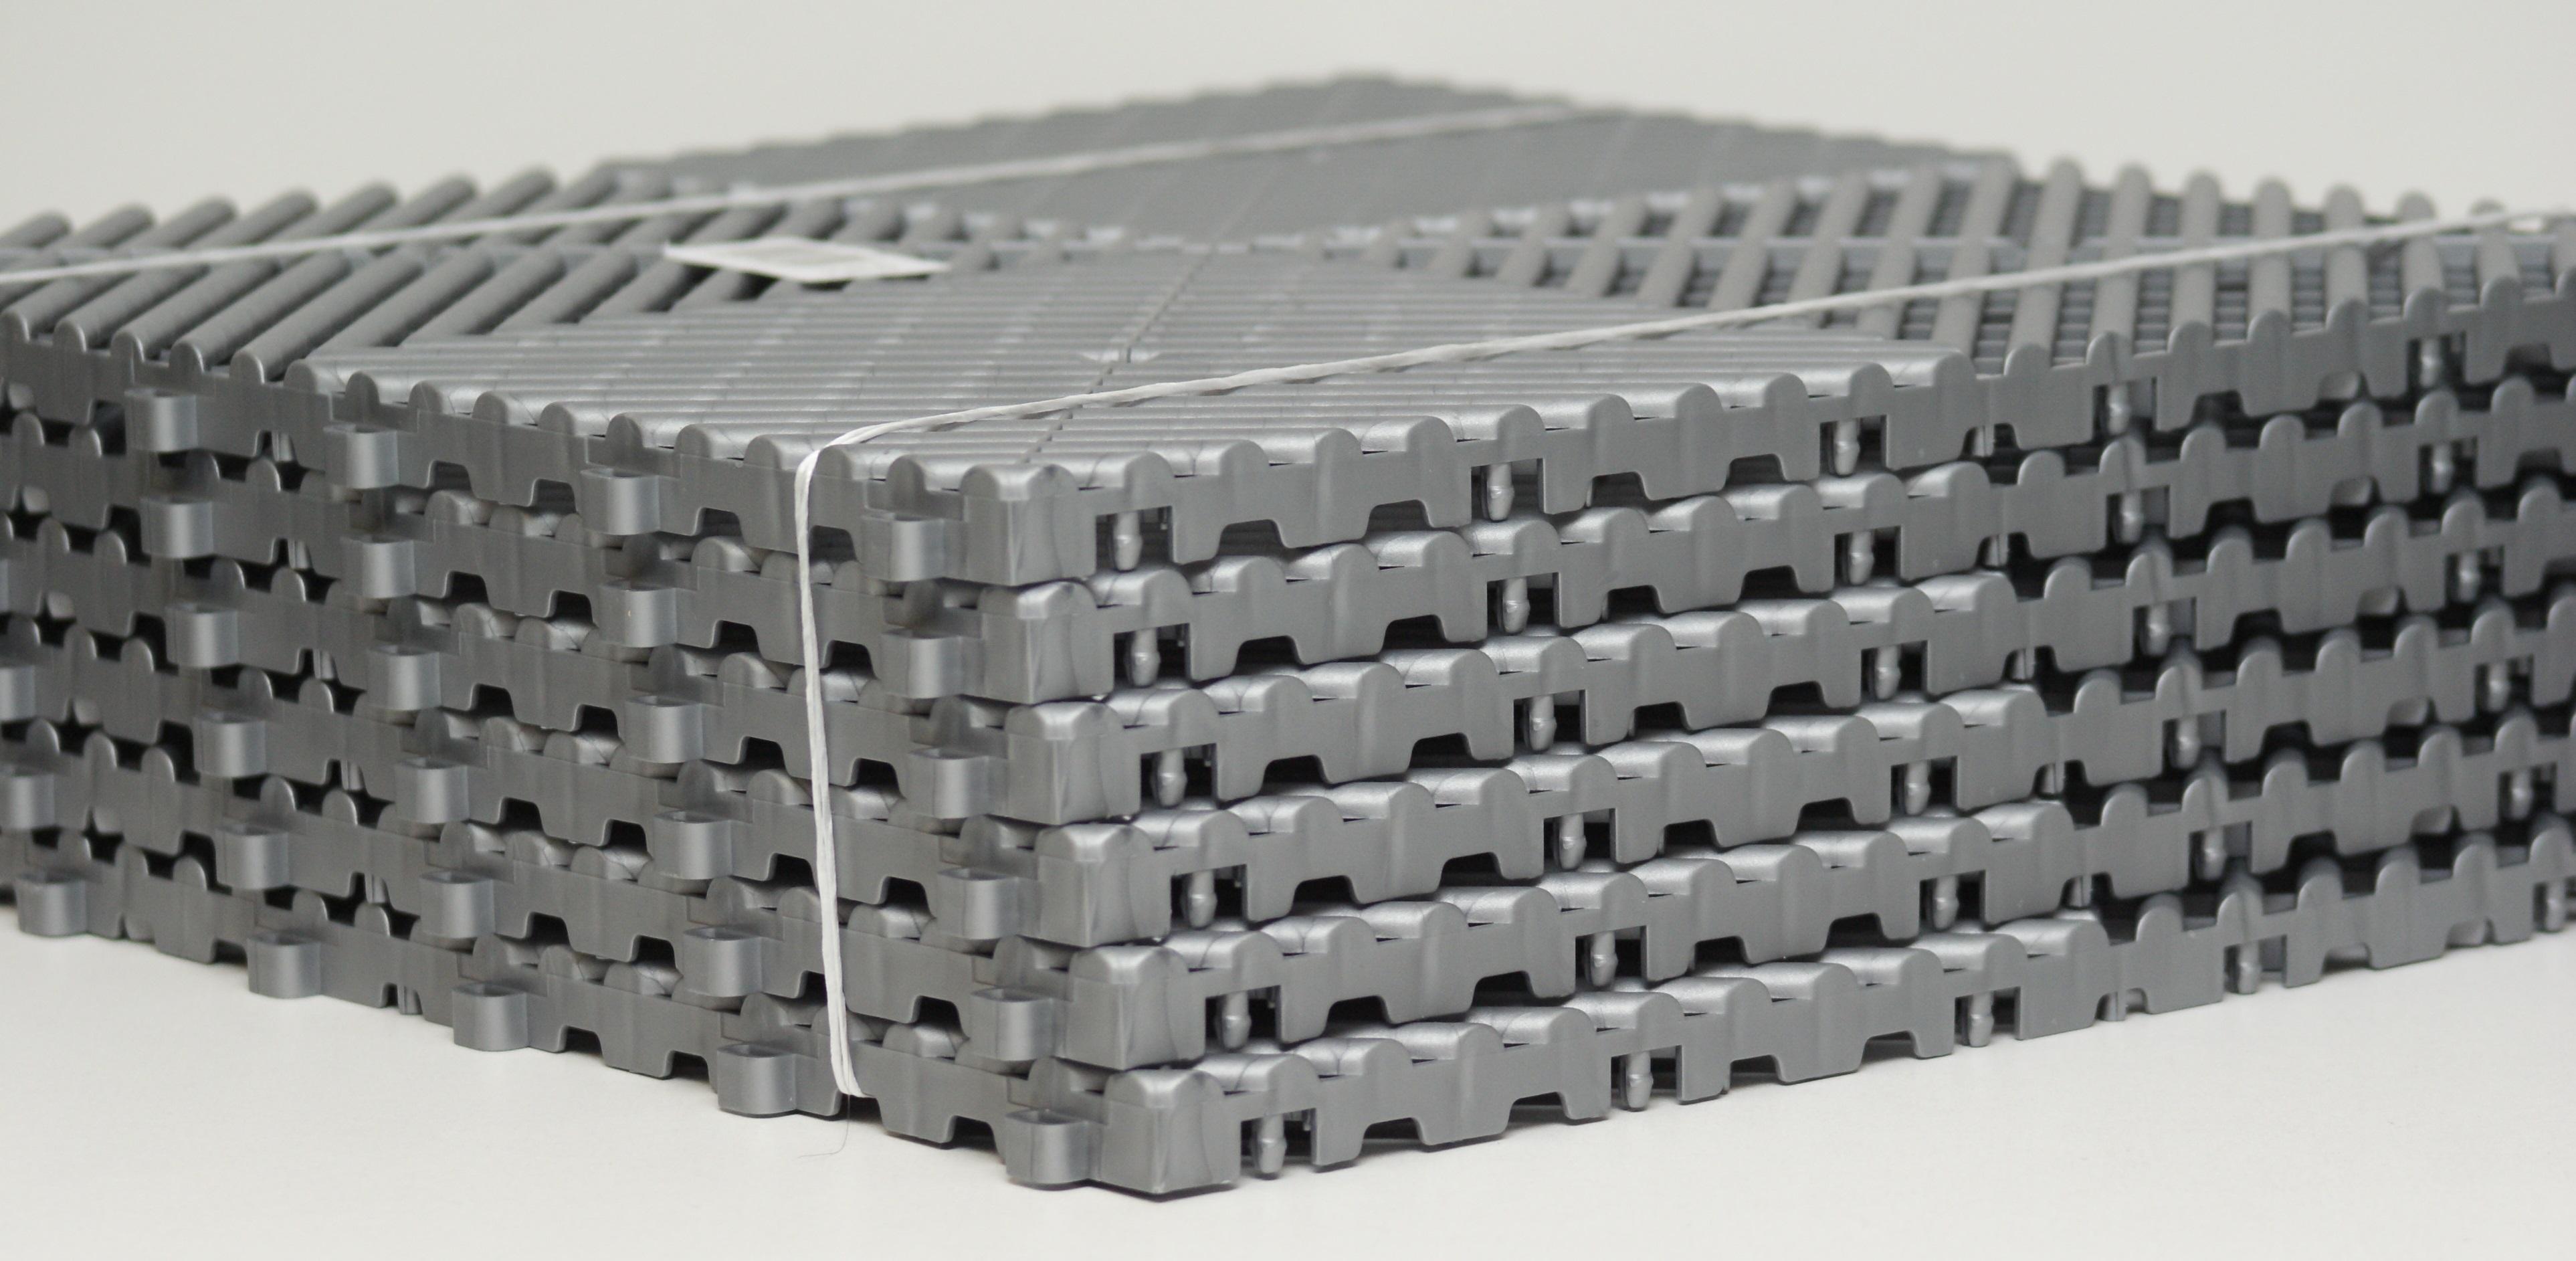 Adnauto 6x dalles plastiques 40x40cm gris alu plasto rip 433017 - Dalles plastique pour garage ...